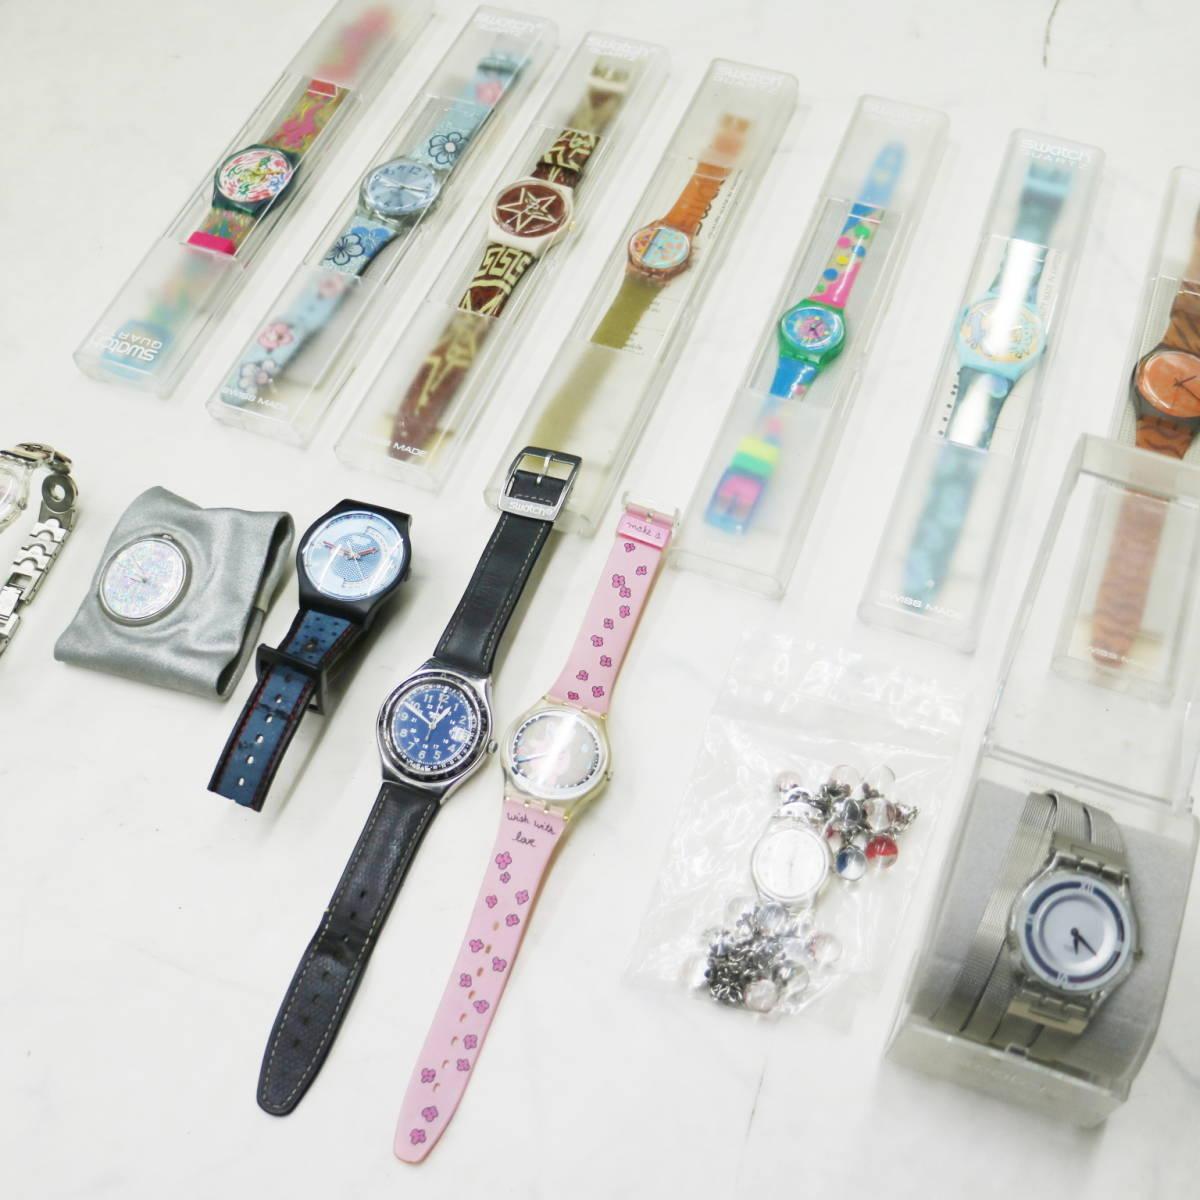 swatch スウォッチ 大量【14個】まとめ売り★ ジャンク 可動 電池切れ まとめて! 業者 フリマ 福袋 腕時計 ウォッチ w55g804